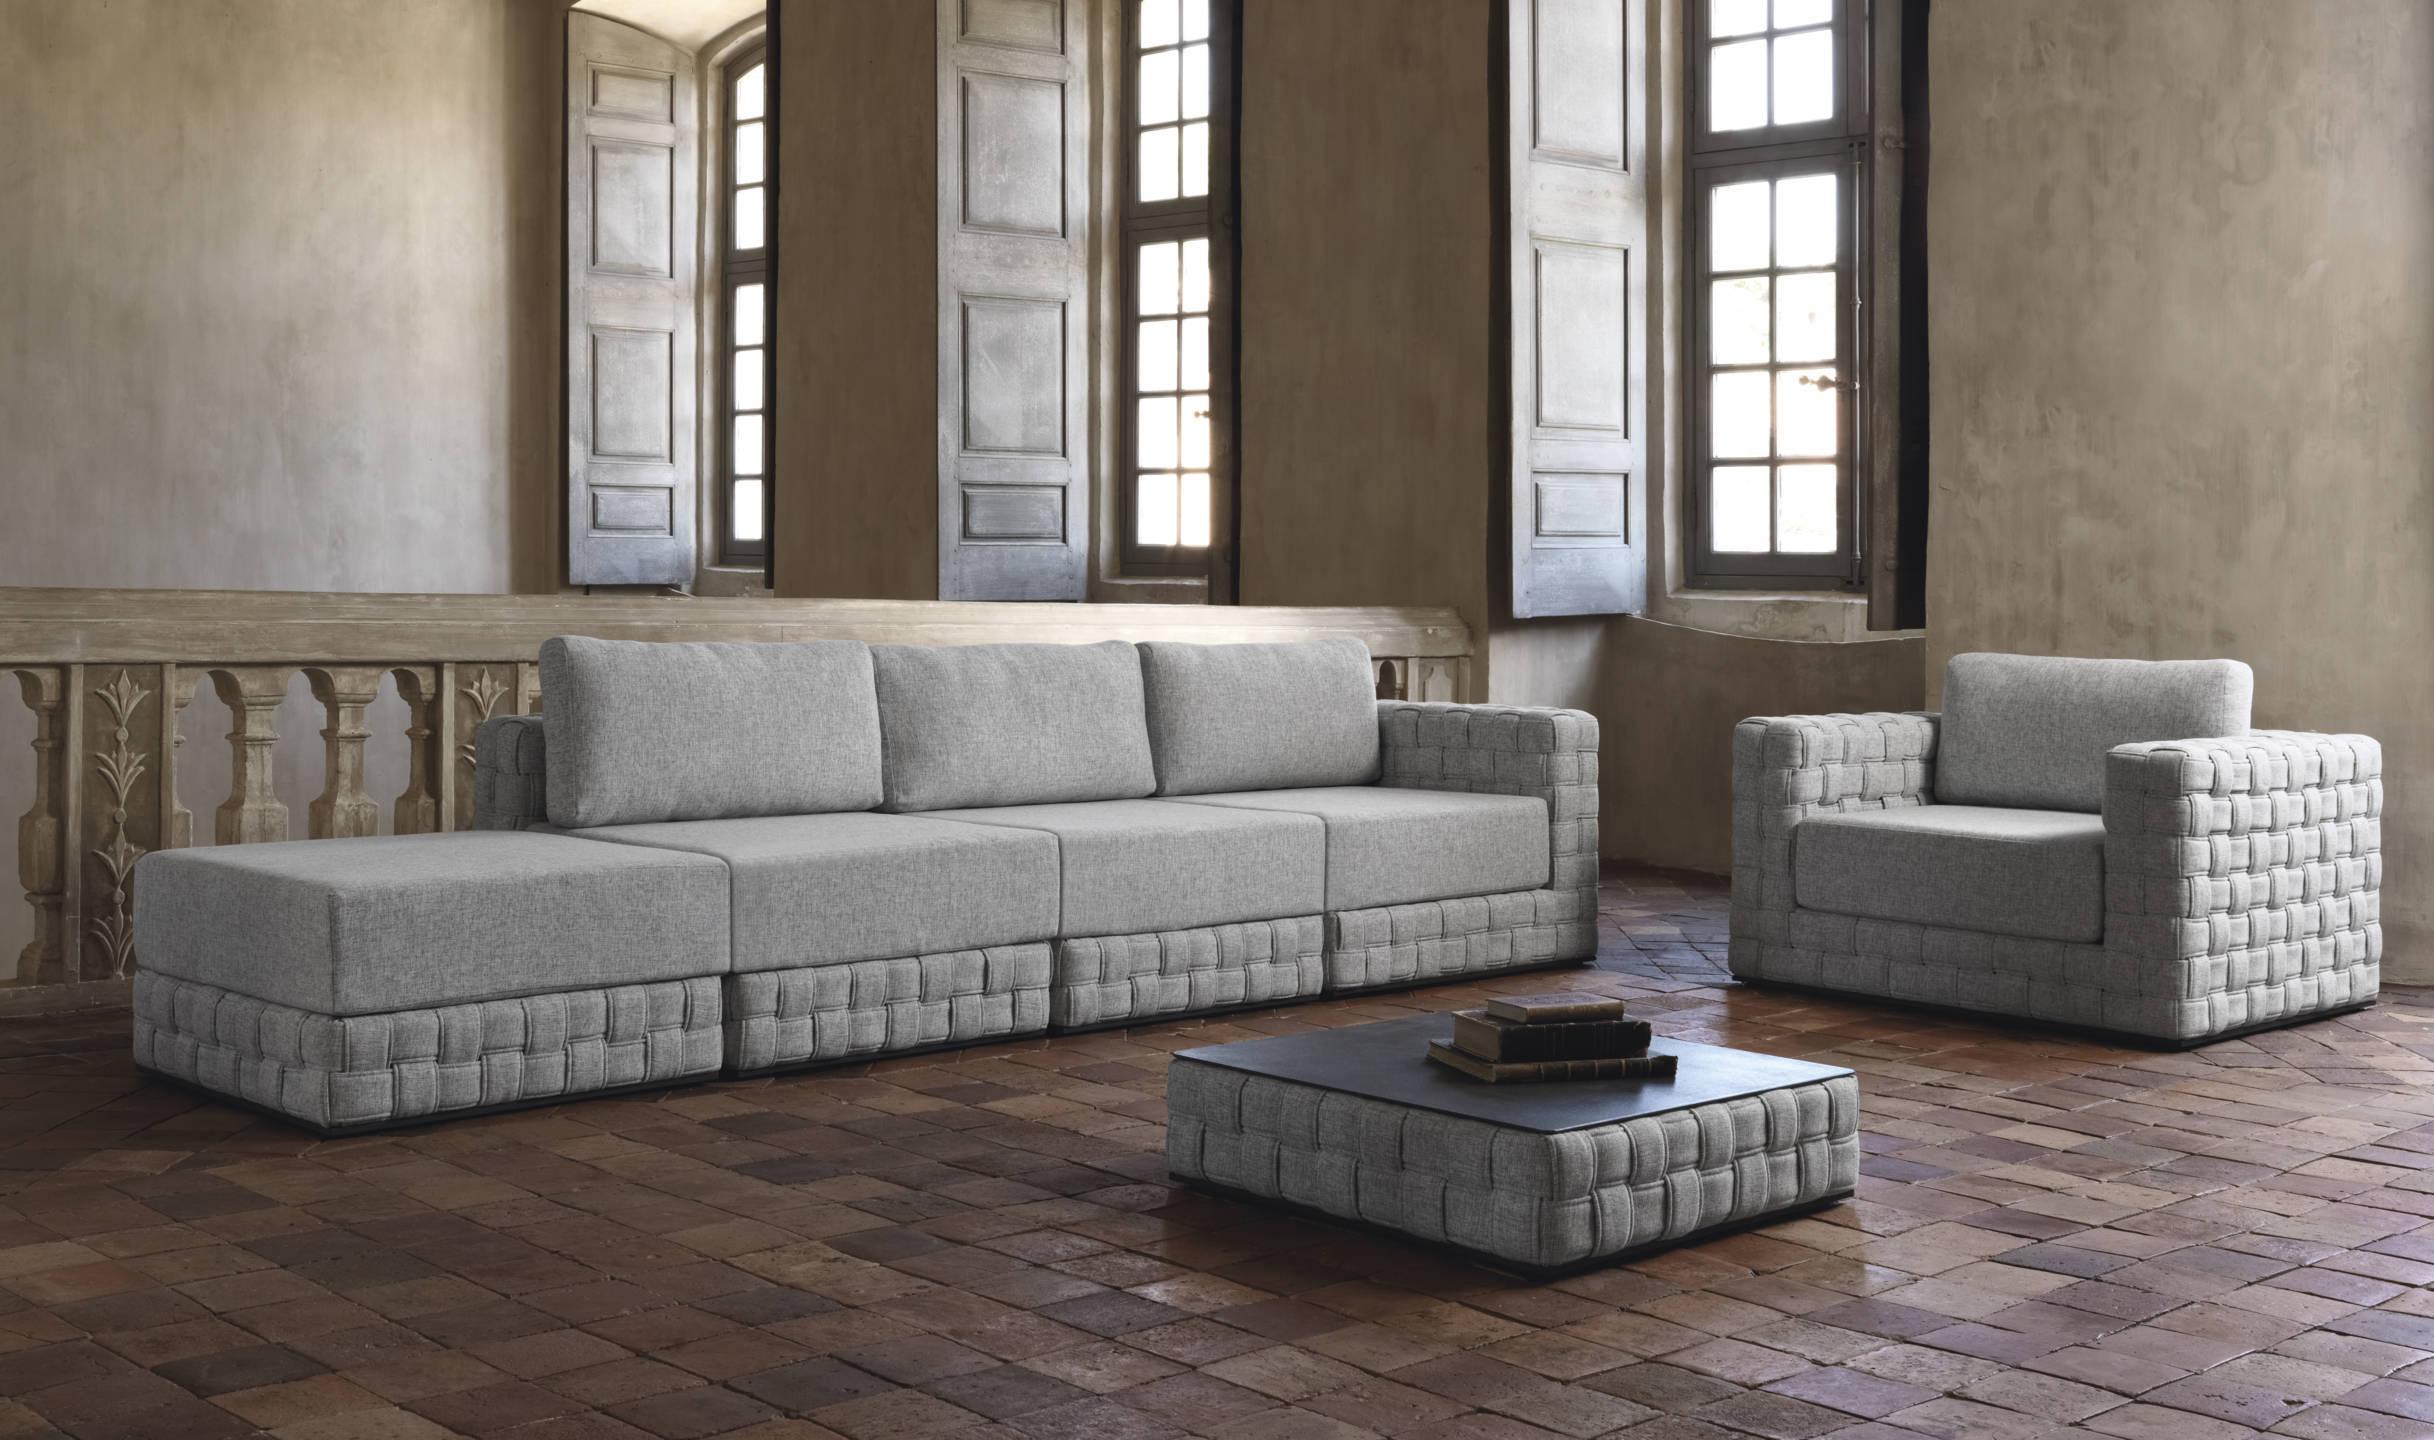 Vivereverde divano terminale patchcollection divani for Divani per esterno